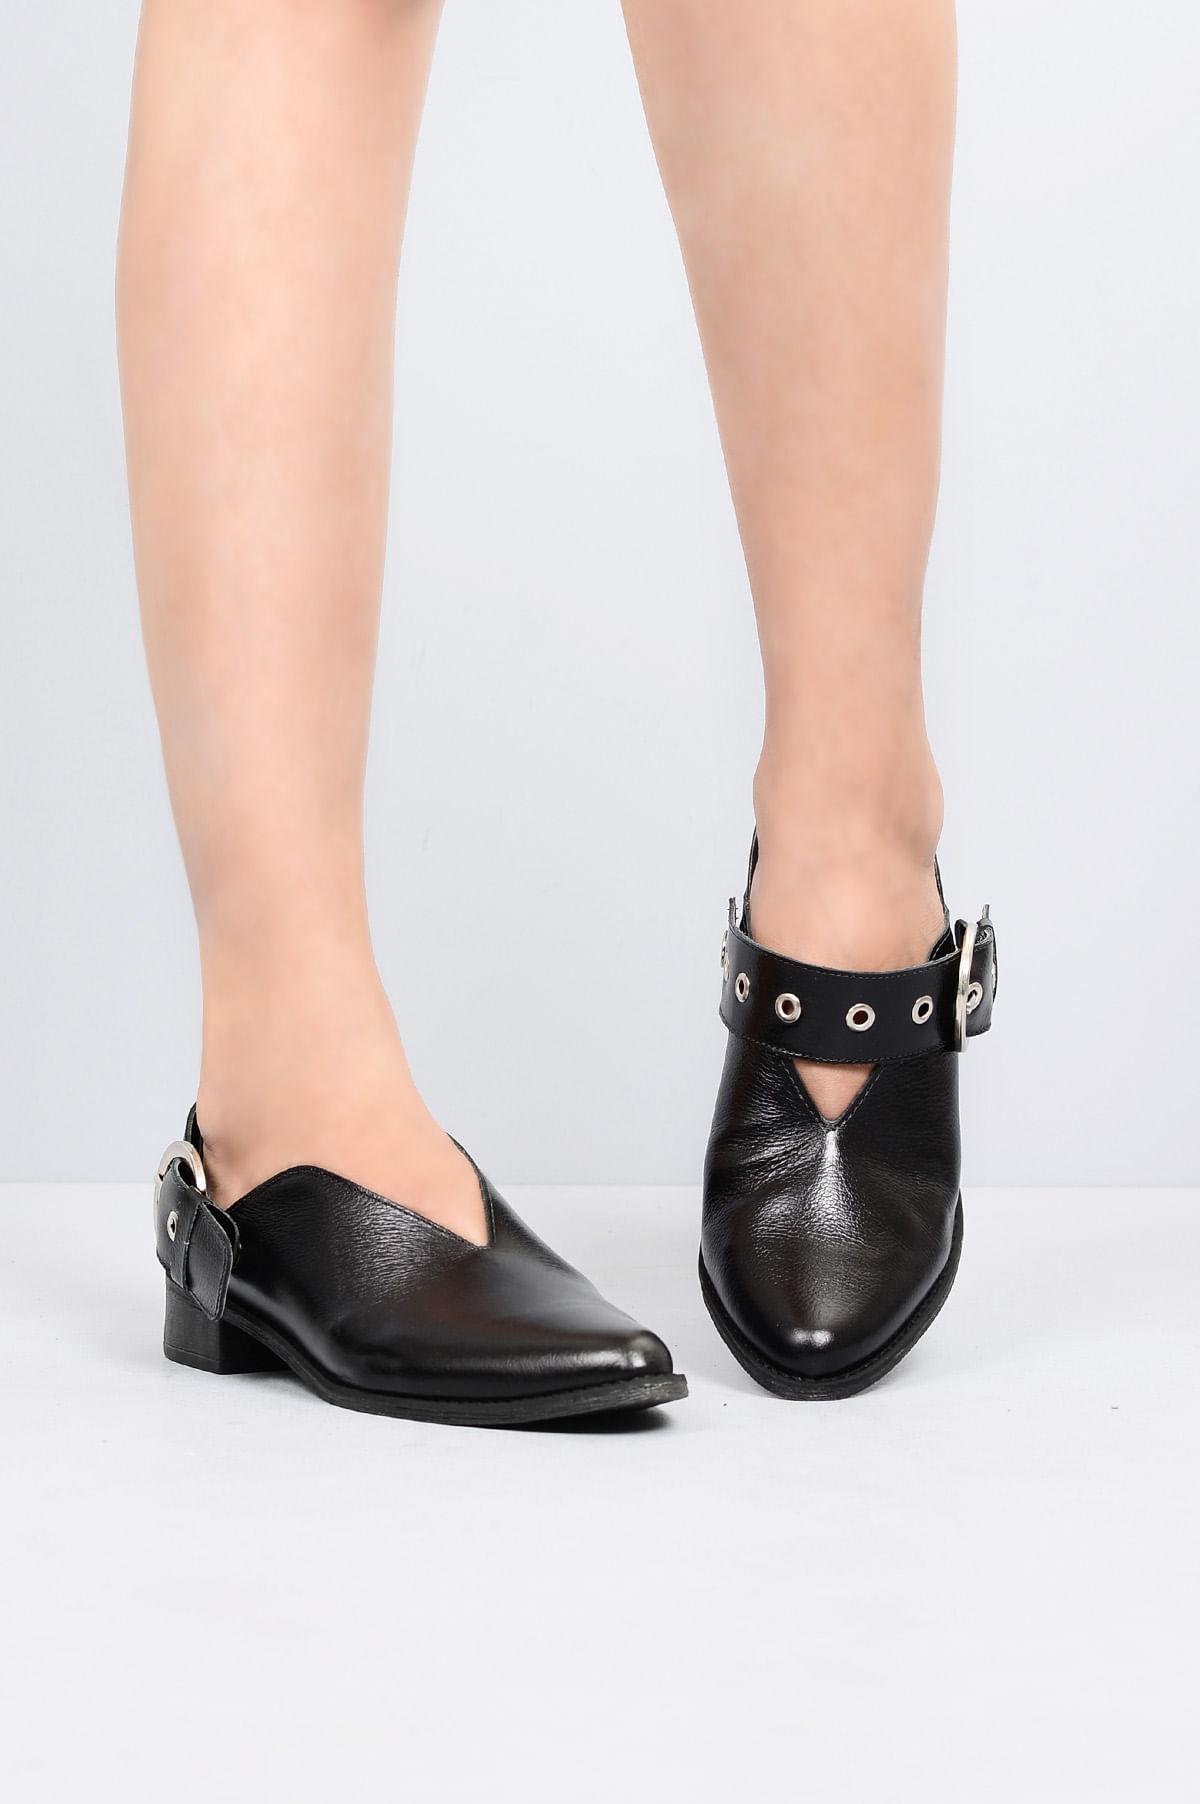 2689a7eb3 Sapato Feminino Salto Baixo Floter Mundial CR-PRETO - Mundial Calçados